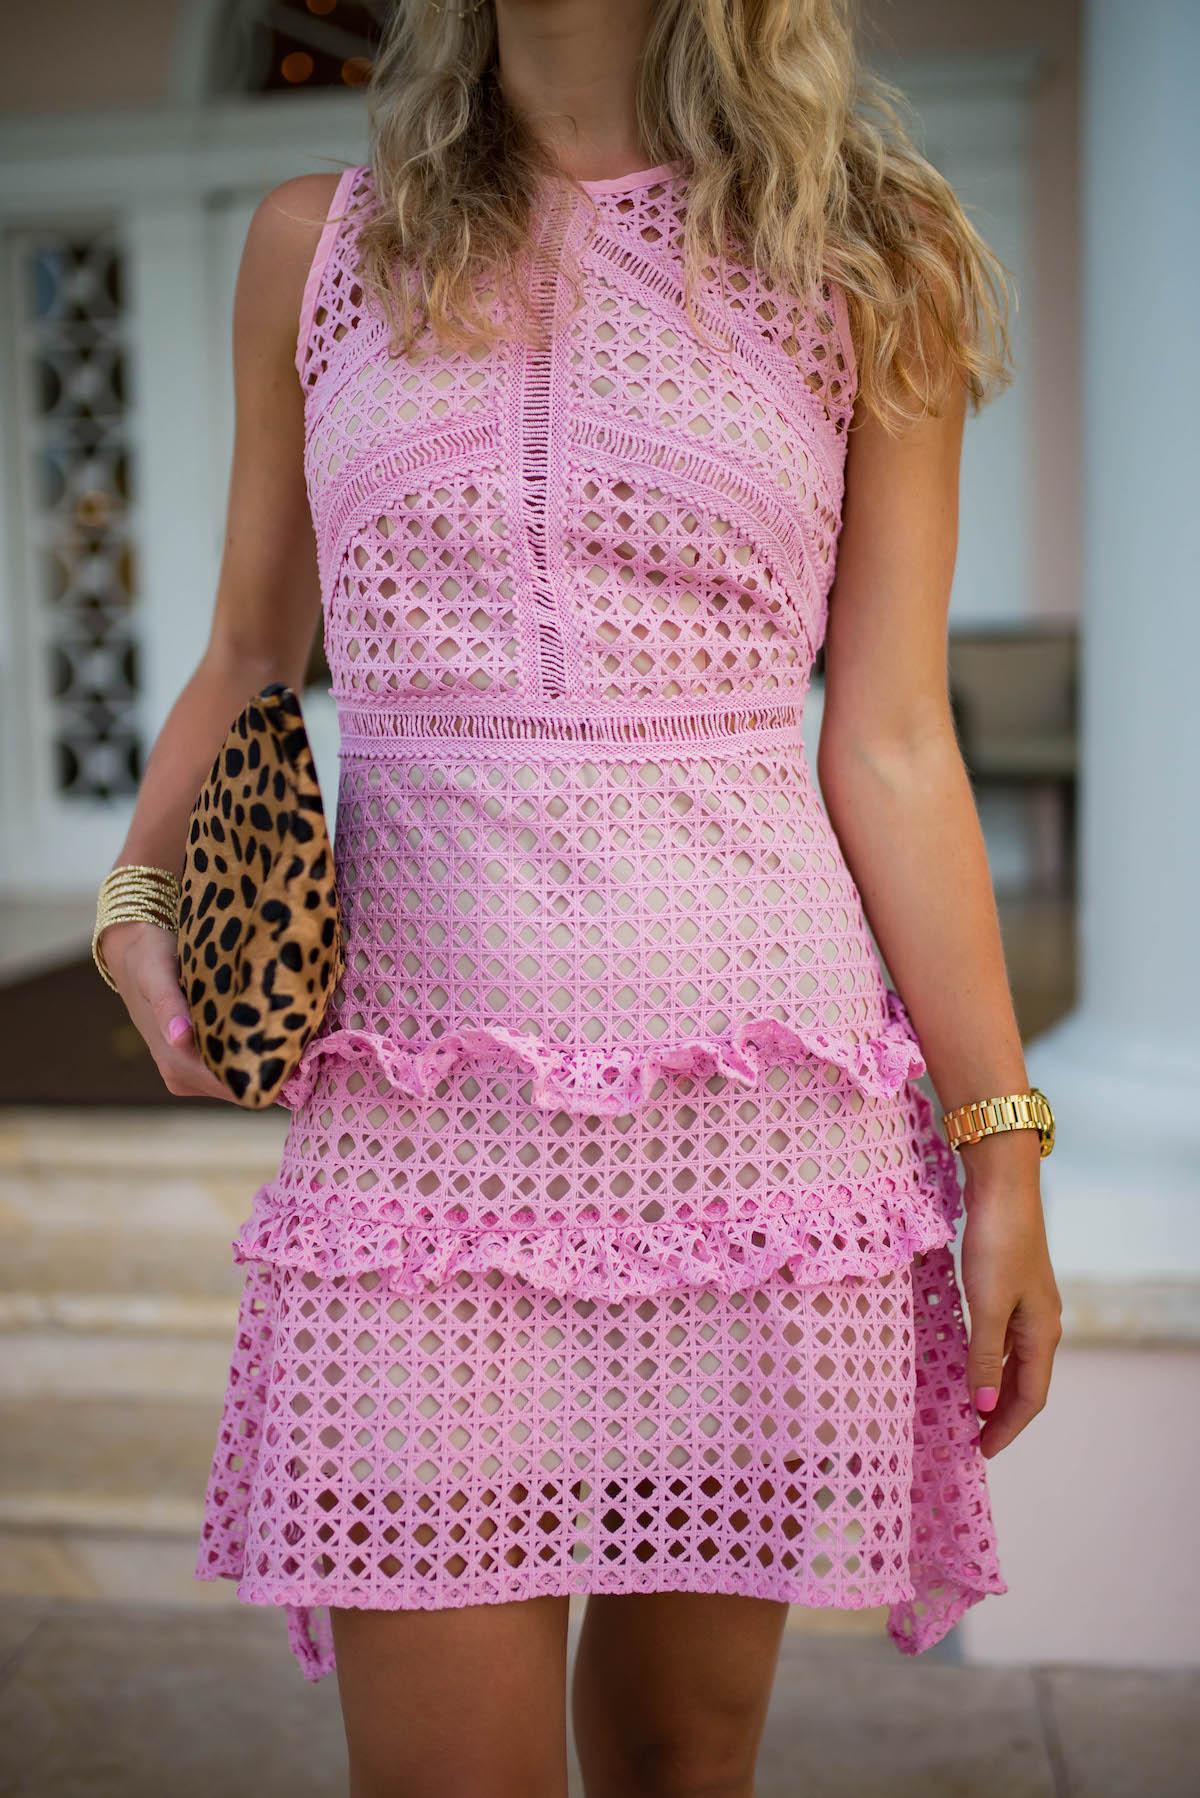 Pink Lace Crochet Sleeveless Dress